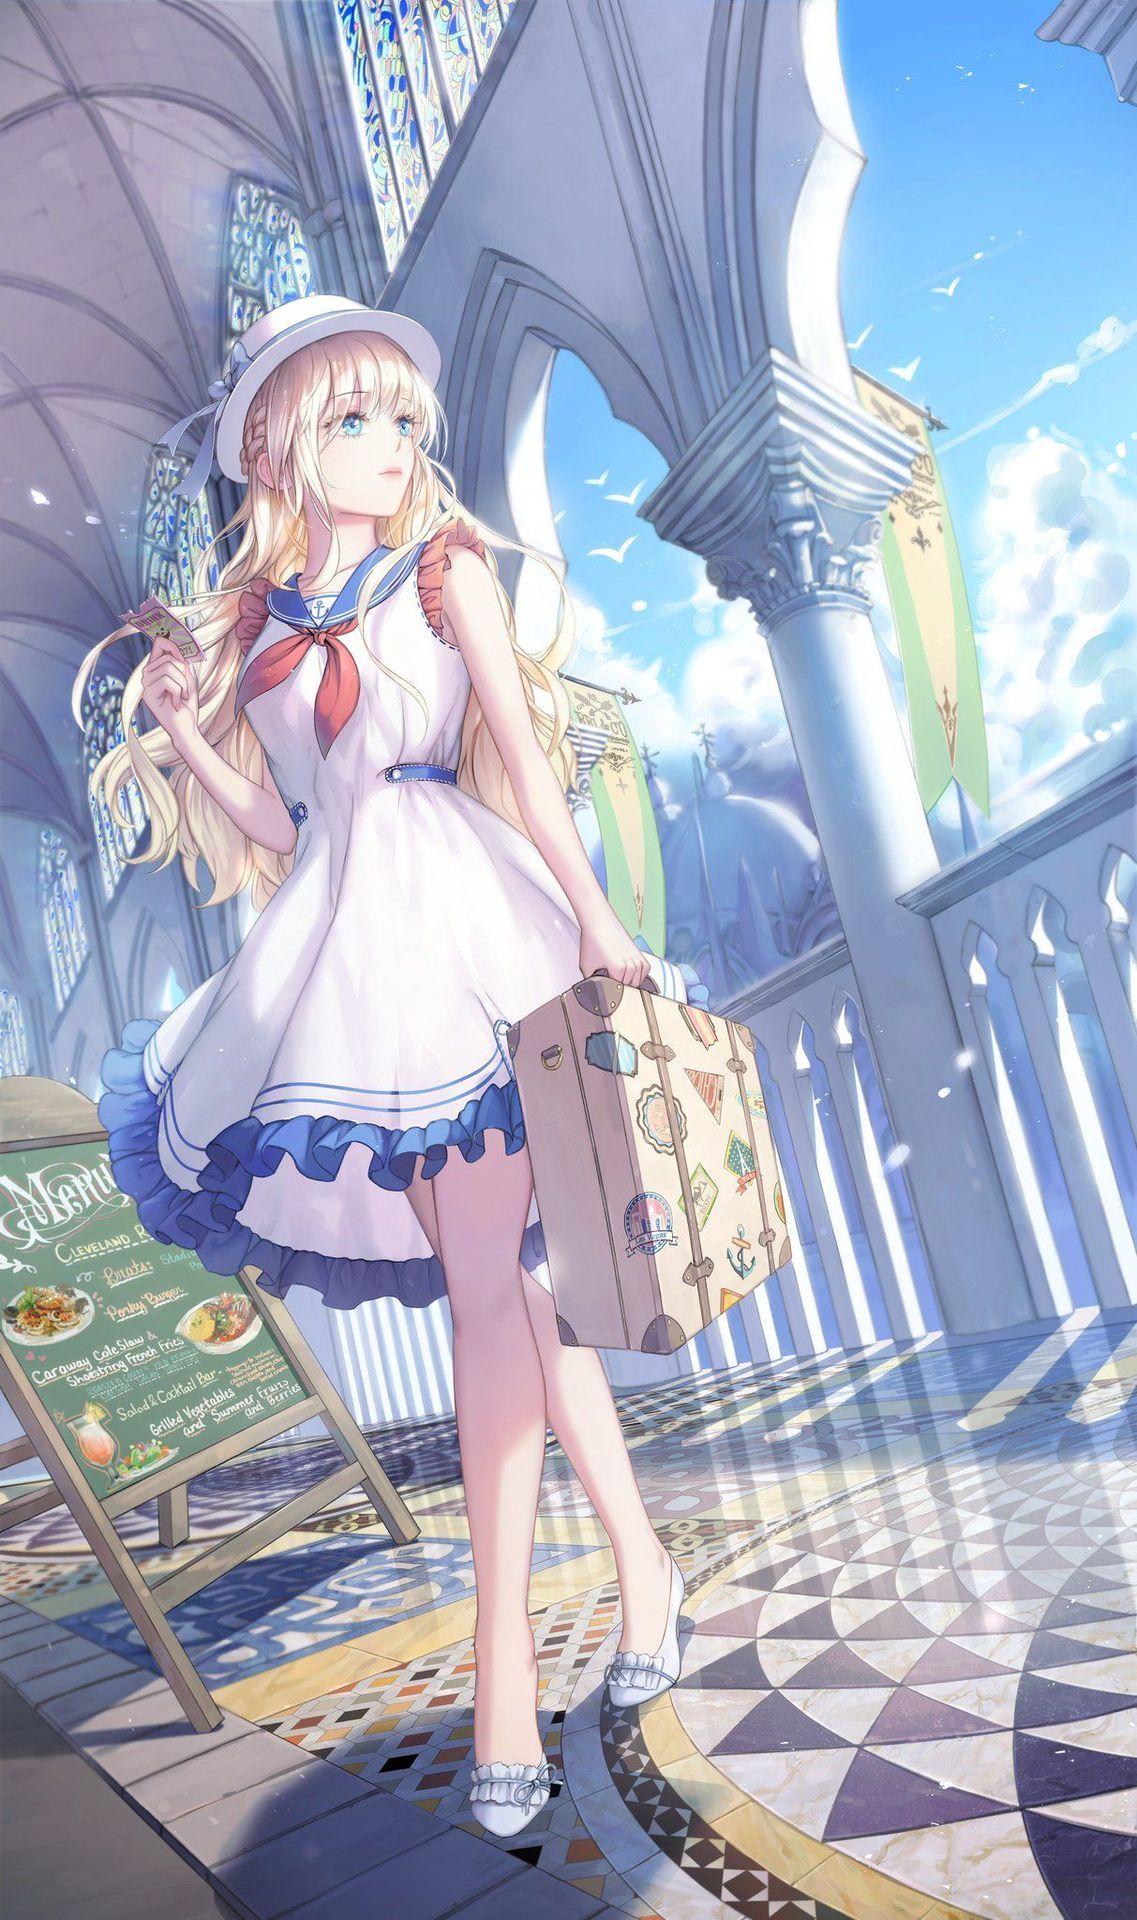 Hình Nền điện Thoại Anime đẹp